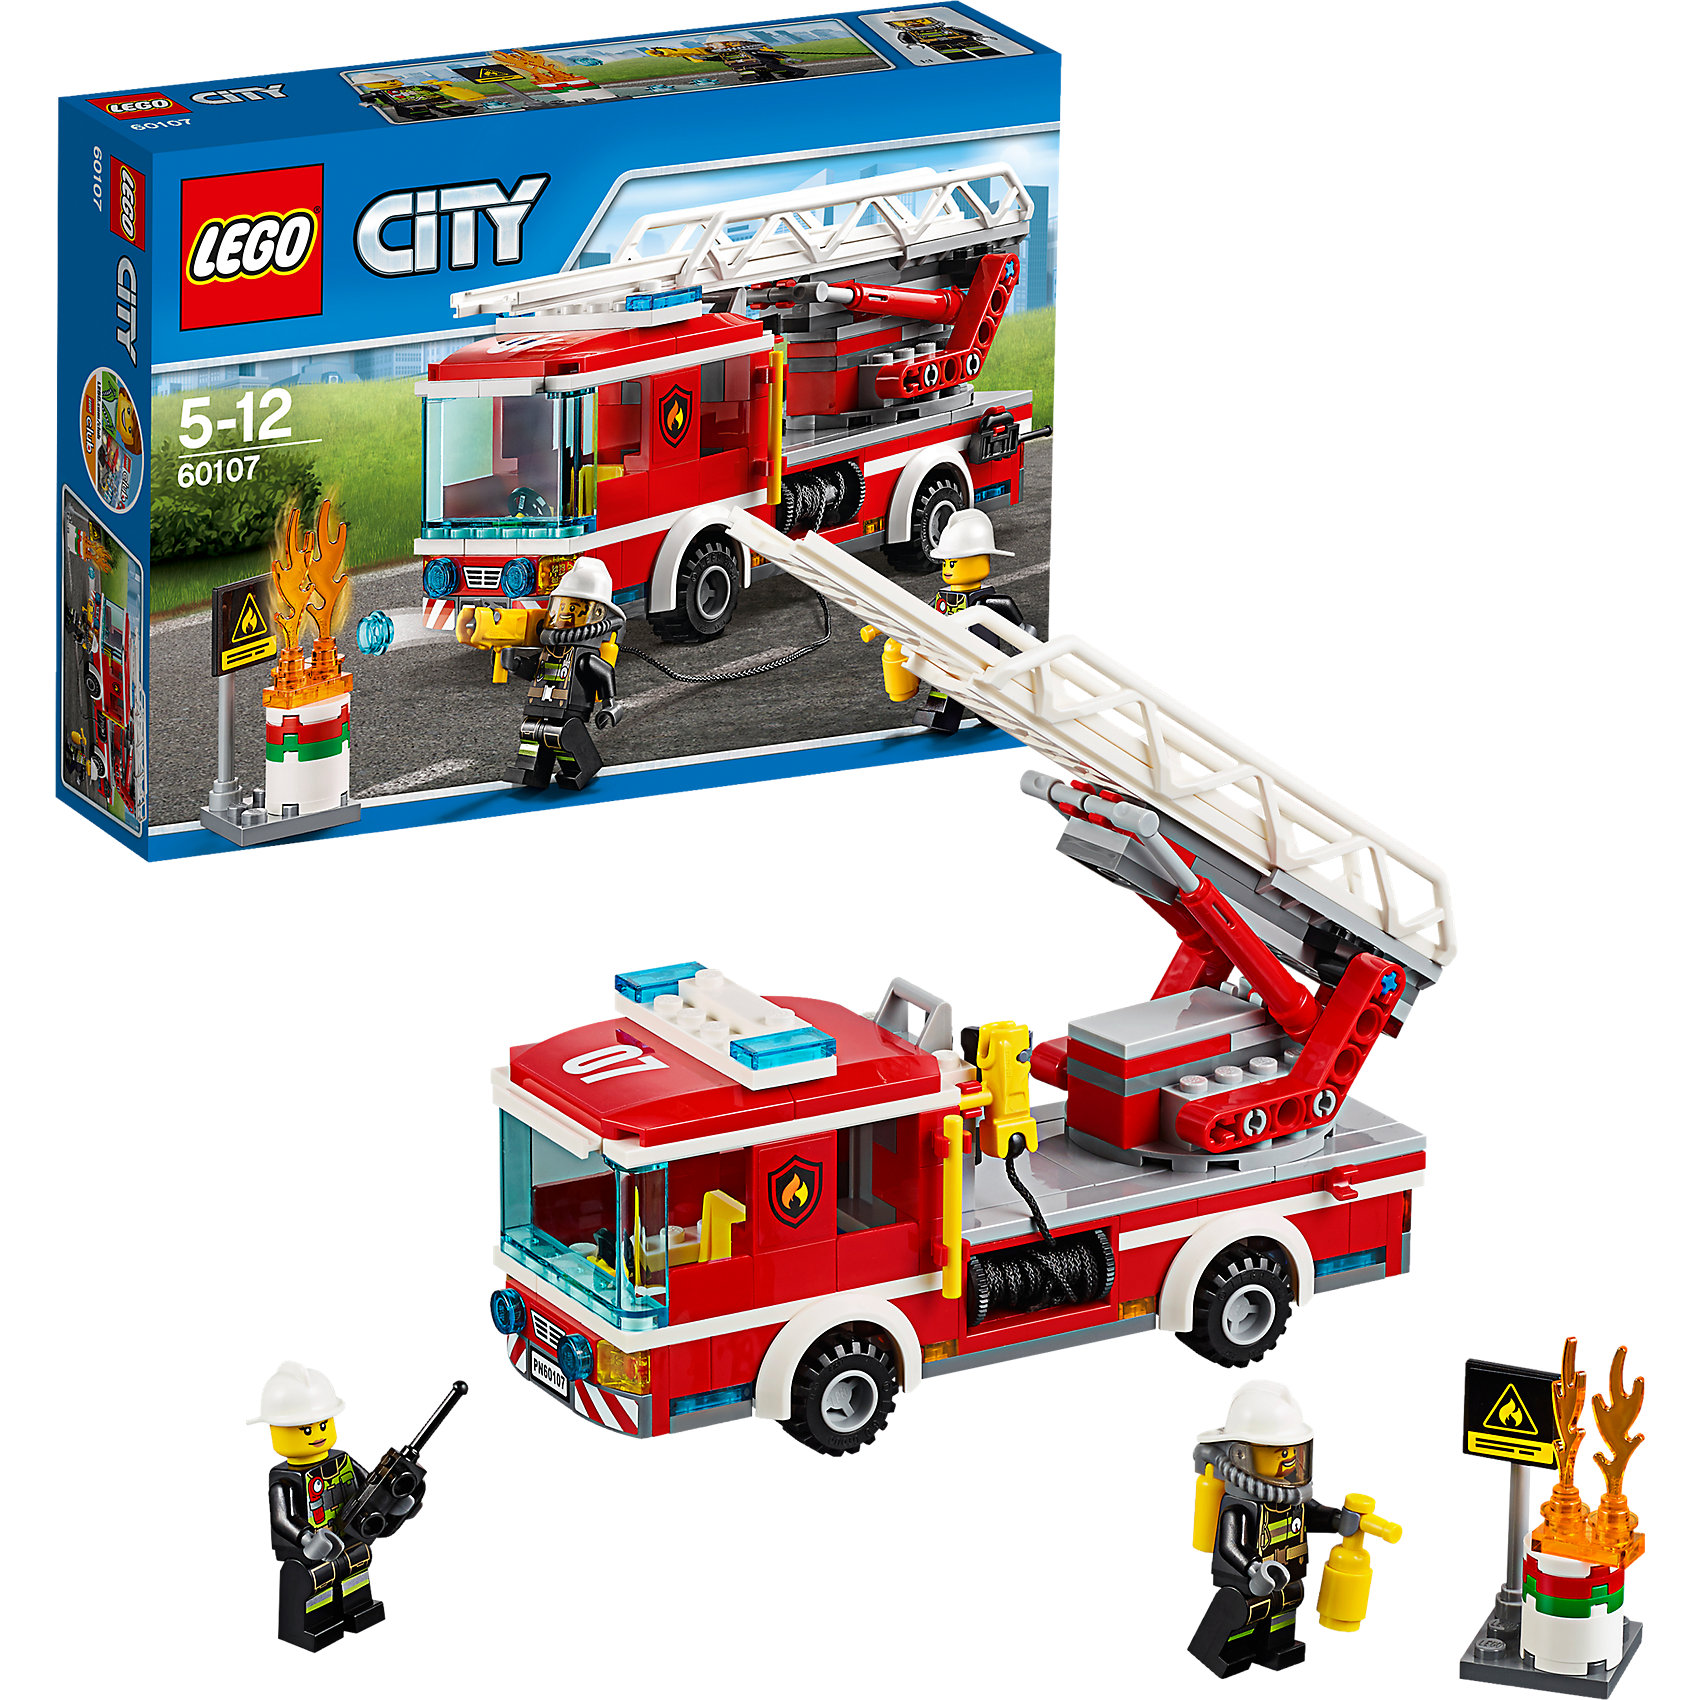 LEGO City 60107: Пожарный автомобиль с лестницейПластмассовые конструкторы<br>LEGO City (ЛЕГО Сити) 60107: Пожарный автомобиль с лестницей подарит Вашему ребенку новые веселые приключения и расширит игровые возможности. В городе Лего загорелась бочка с нефтью! Вместе с командой опытных пожарных поспеши на место происшествия пока бочка не взорвалась. Пожарная машинка, которую Вы сможете собрать из деталей набора, отличается высокой степенью детализации и множеством интересных элементов. Спереди располагается просторная кабина с местом для водителя, рулем, рычагами управления и прозрачным лобовым стеклом. На крыше размещаются сигнальные огни. Задняя часть автомобиля представляет собой платформу с пожарным шлангом, брандспойтом и складной лестницей. Также в комплект входят детали для сборки горящего бака и две минифигурки пожарных с аксессуарами.<br><br>Серия конструкторов  LEGO City позволяет почувствовать себя инженером и архитектором, строителем или мэром города. Вы можете создавать свой город мечты, развивать городскую инфраструктуру, строить дороги и здания, управлять городским хозяйством и следить за порядком.<br>В игровых наборах с разнообразными сюжетами много интересных персонажей, оригинальных объектов и городской техники. Это уникальная возможность для ребенка развивать фантазию и логическое мышление, узнавать и осваивать разные профессии.<br><br>Дополнительная информация:<br><br>- Игра с конструктором LEGO (ЛЕГО) развивает мелкую моторику ребенка, фантазию и воображение, учит его усидчивости и внимательности.<br>- Количество деталей: 214.<br>- Количество минифигур: 2.<br>- Серия: LEGO City (ЛЕГО Сити).<br>- Материал: пластик.<br>- Размер собранной пожарной машины: 8 х 20 х 5 см.<br>- Размер упаковки: 26 х 6 х 19 см.<br>- Вес: 0,365 кг.<br><br>LEGO City (ЛЕГО Сити) 60107: Пожарный автомобиль с лестницей можно купить в нашем интернет-магазине.<br><br>Ширина мм: 264<br>Глубина мм: 190<br>Высота мм: 66<br>Вес г: 373<br>Возраст от месяцев: 60<br>Возраст до месяц